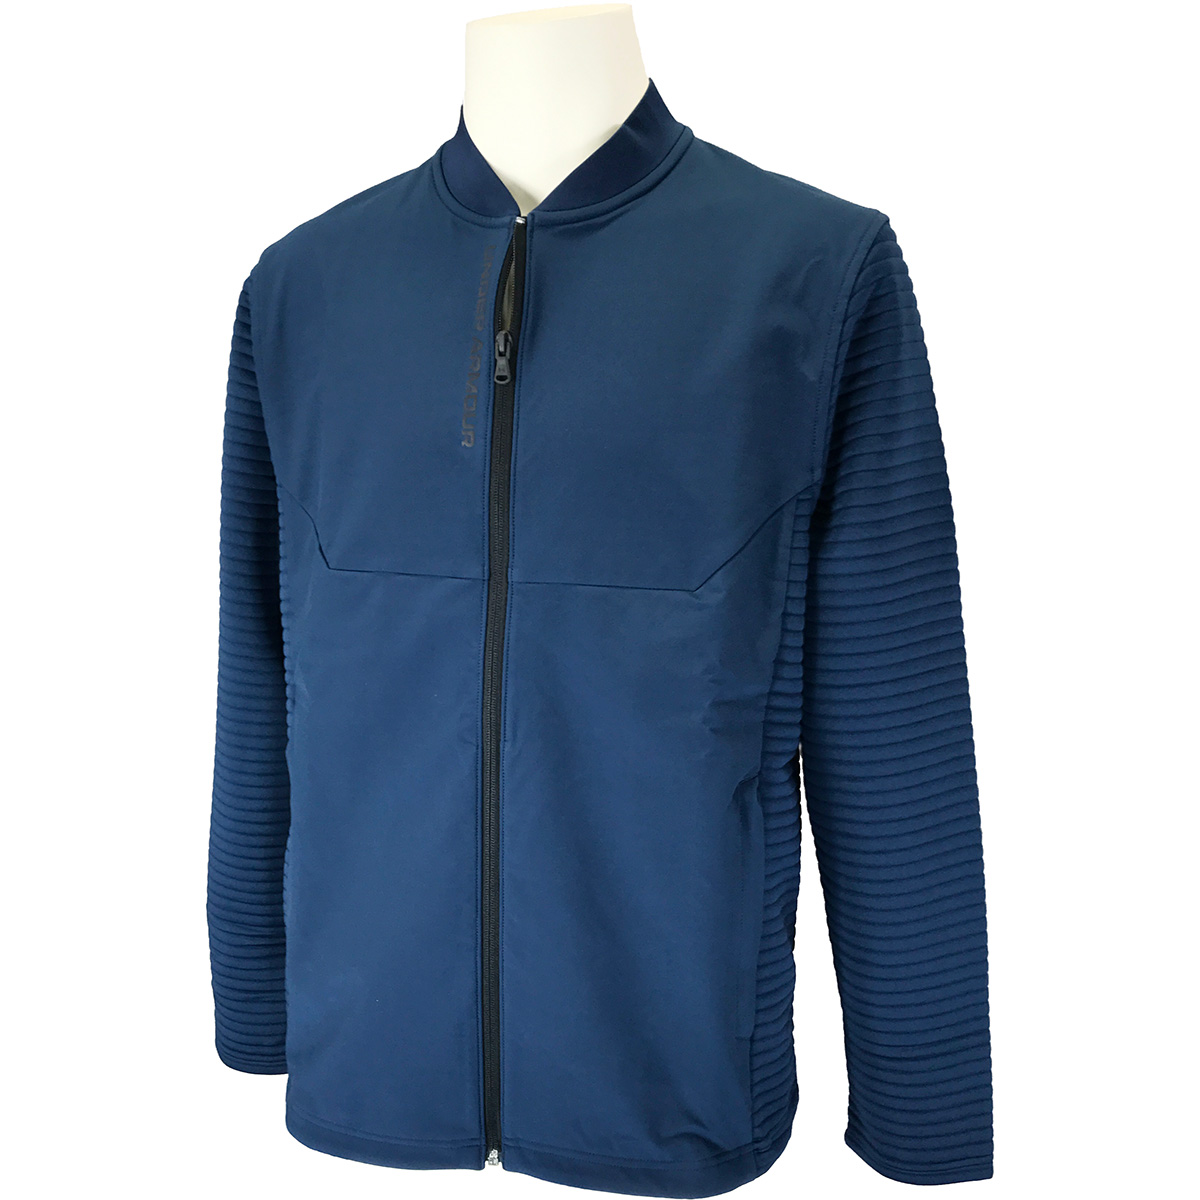 UA ストームエボリューション デイトナフルジップジャケット